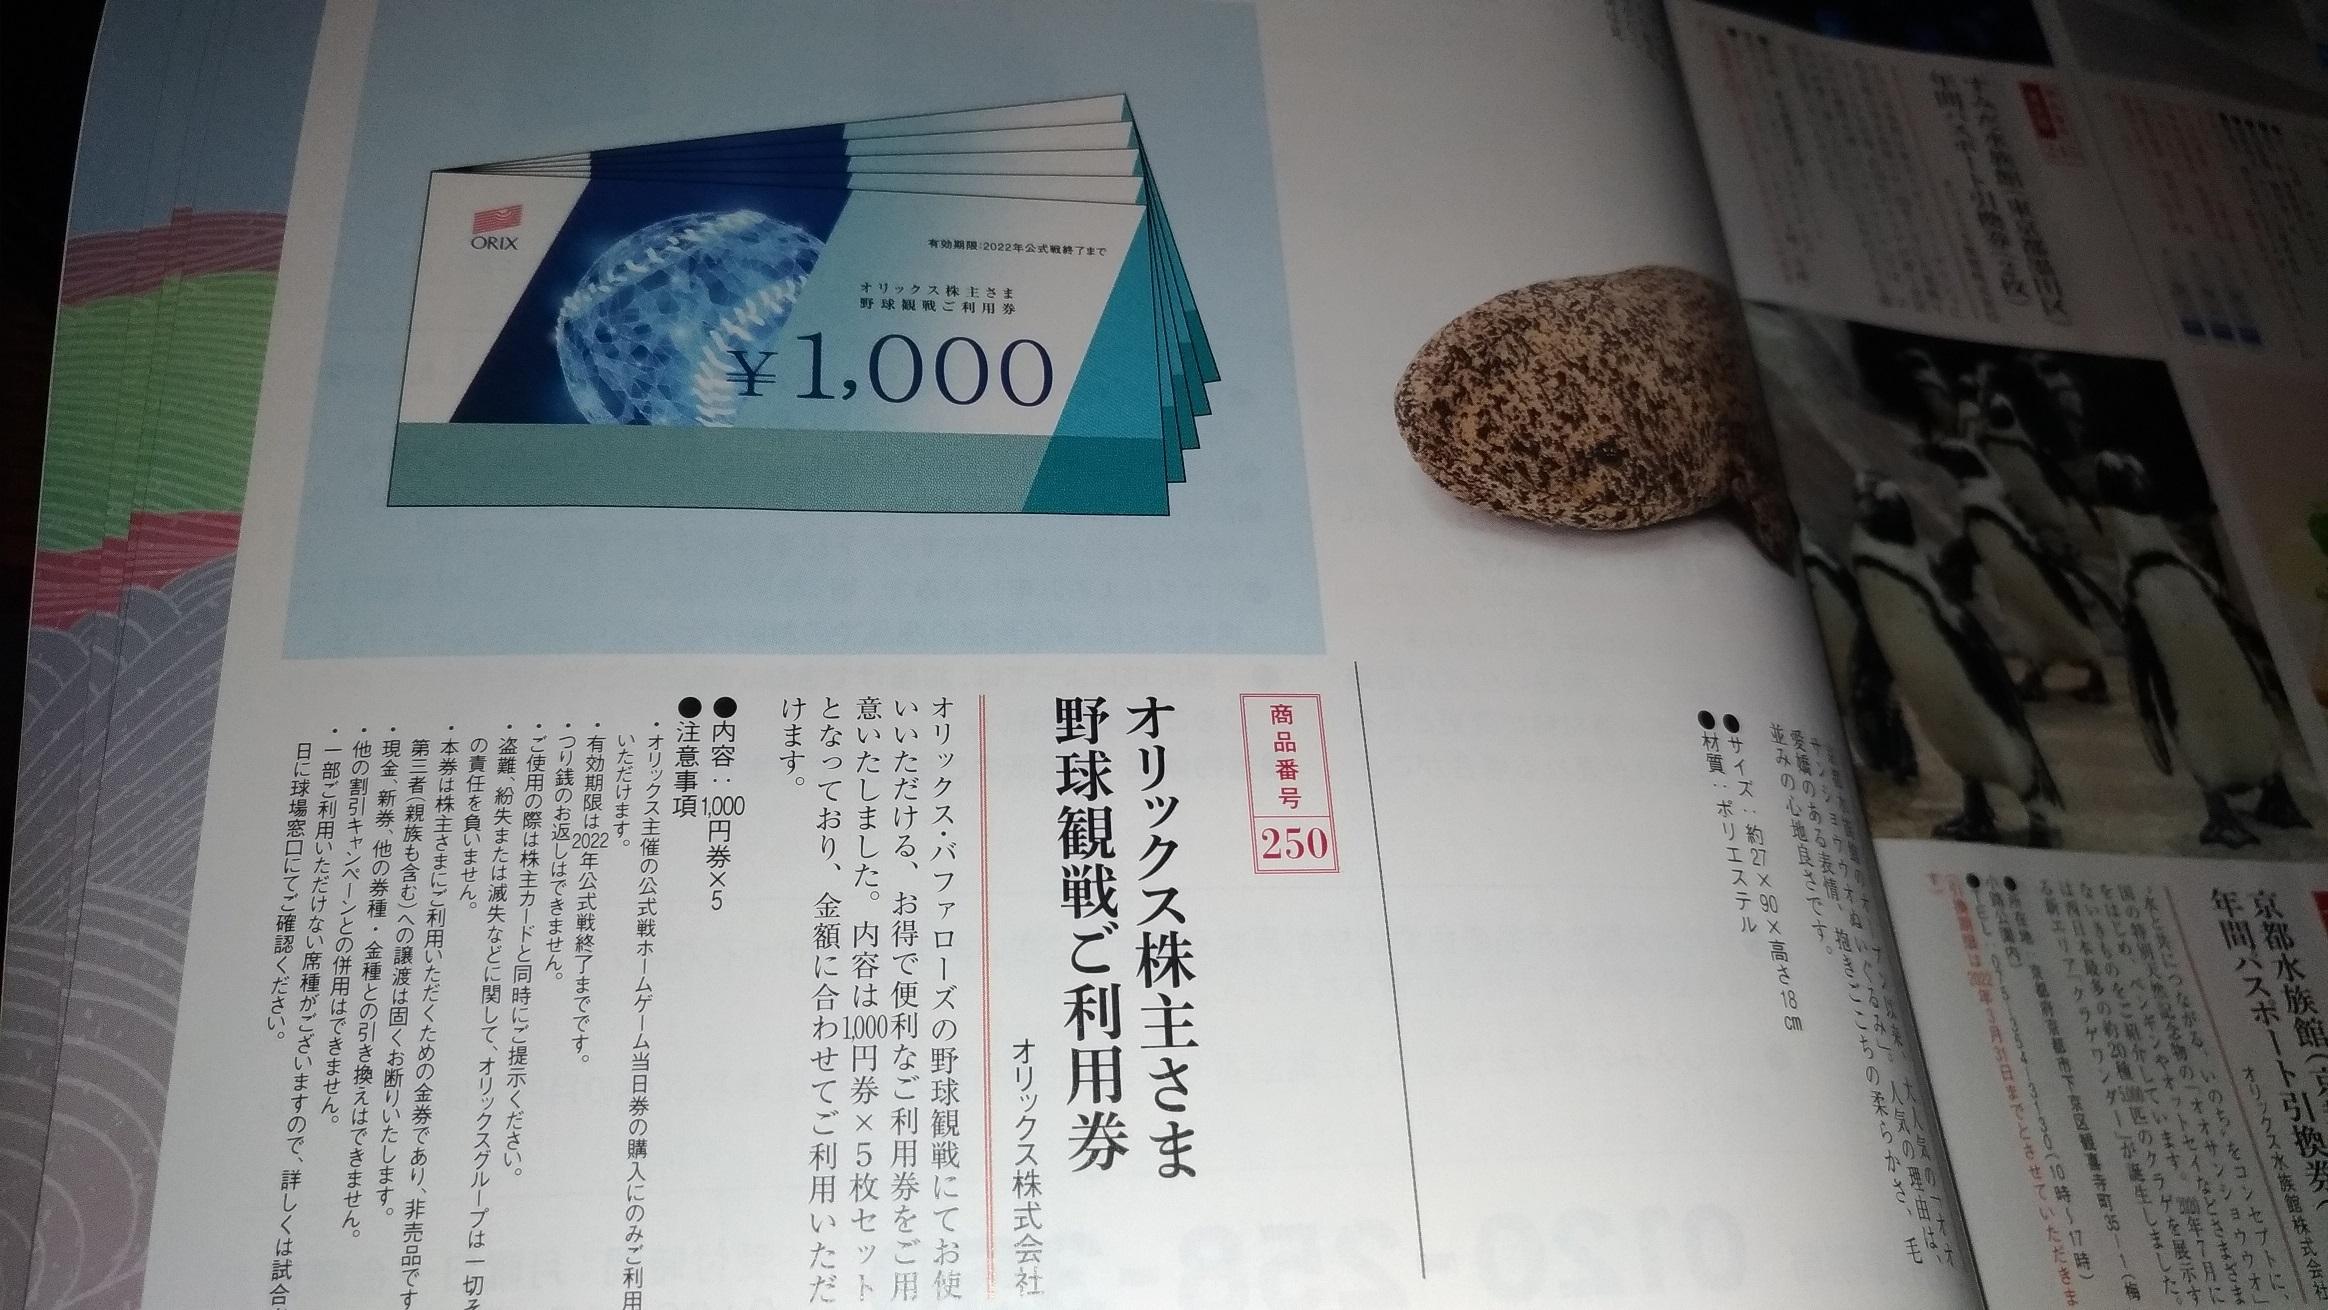 orix_new_yutai_1.jpg